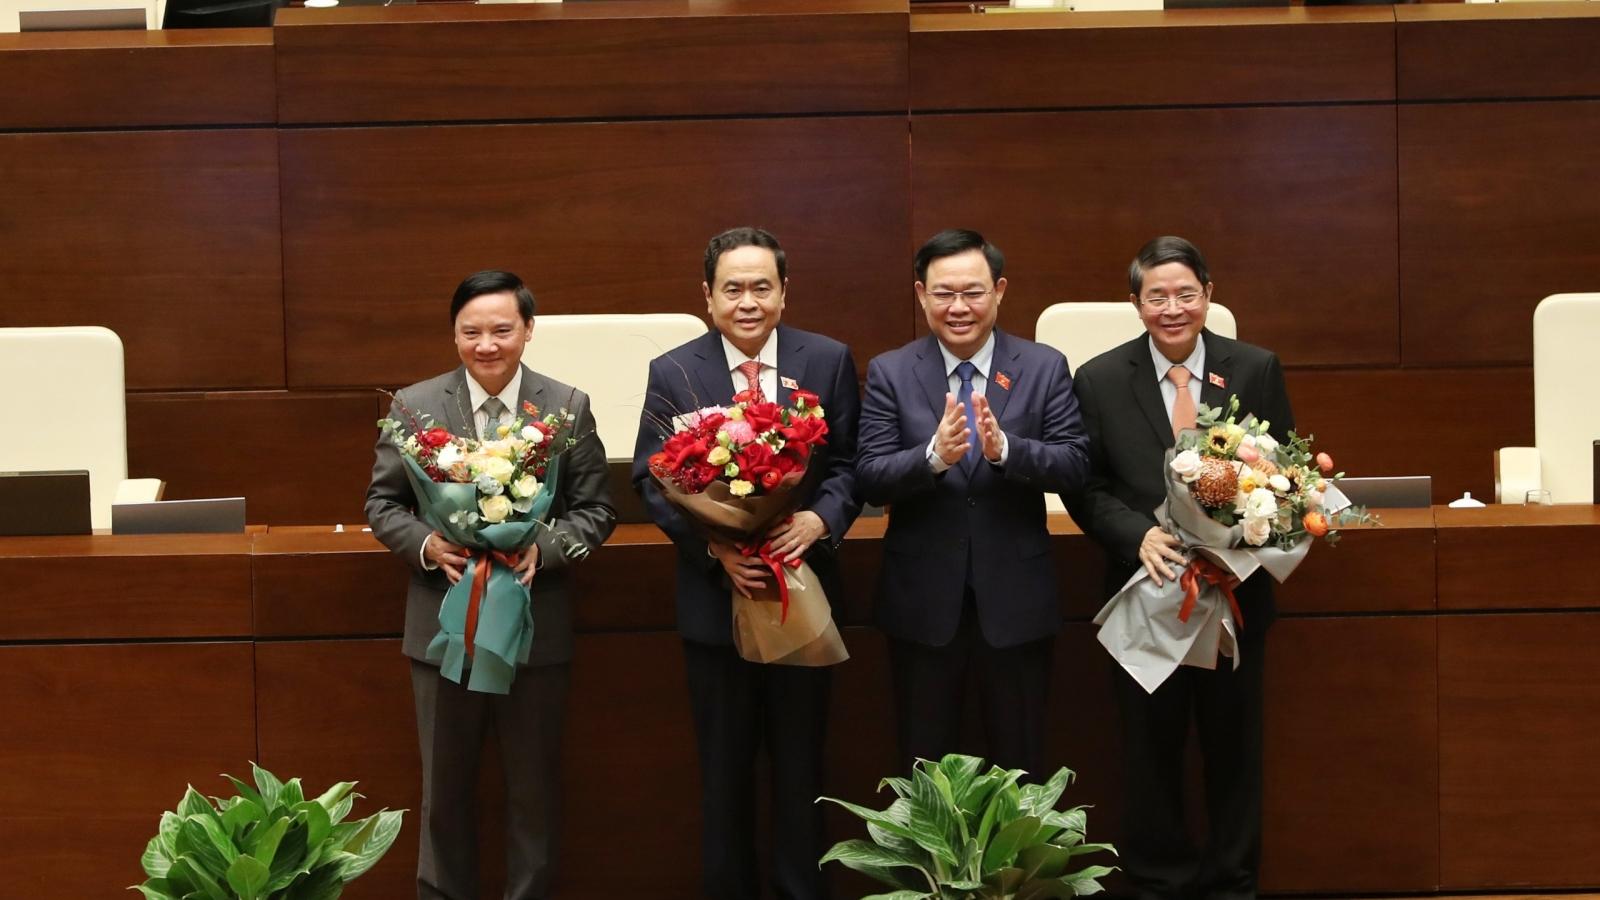 Ông Trần Thanh Mẫn, Nguyễn Khắc Định, Nguyễn Đức Hải trúng cử Phó Chủ tịch Quốc hội